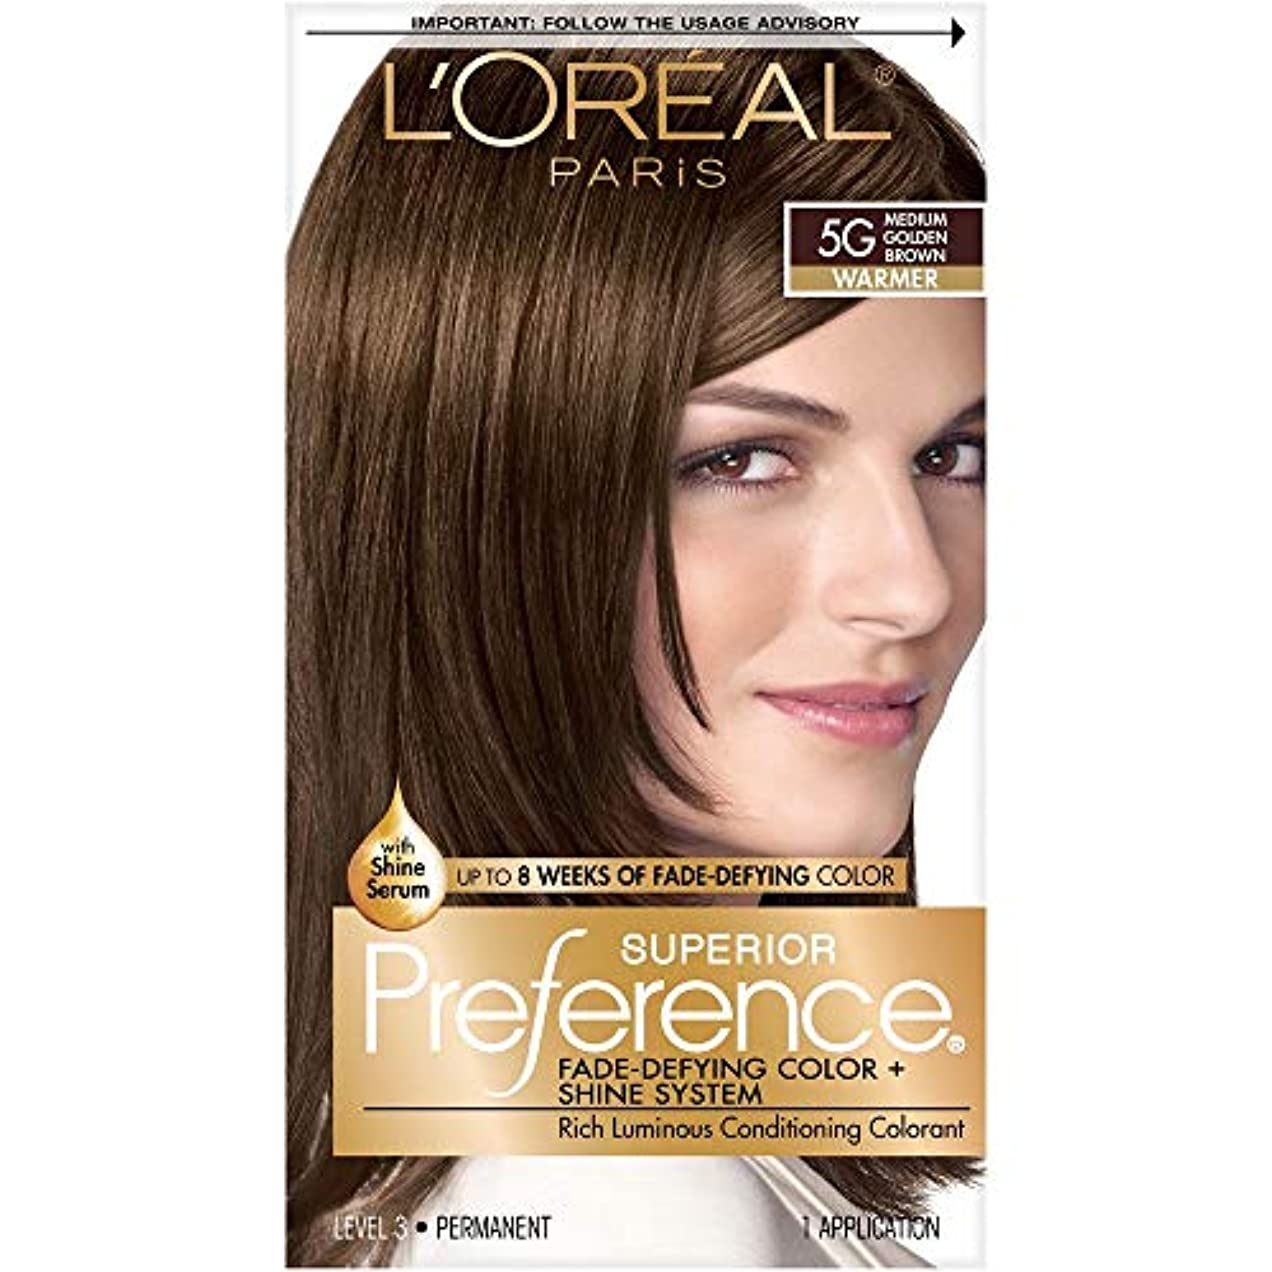 ホラー接地近代化する海外直送肘 LOreal Superior Preference Hair Color 5G Medium Golden Brown, Medium Golden Brown 1 each